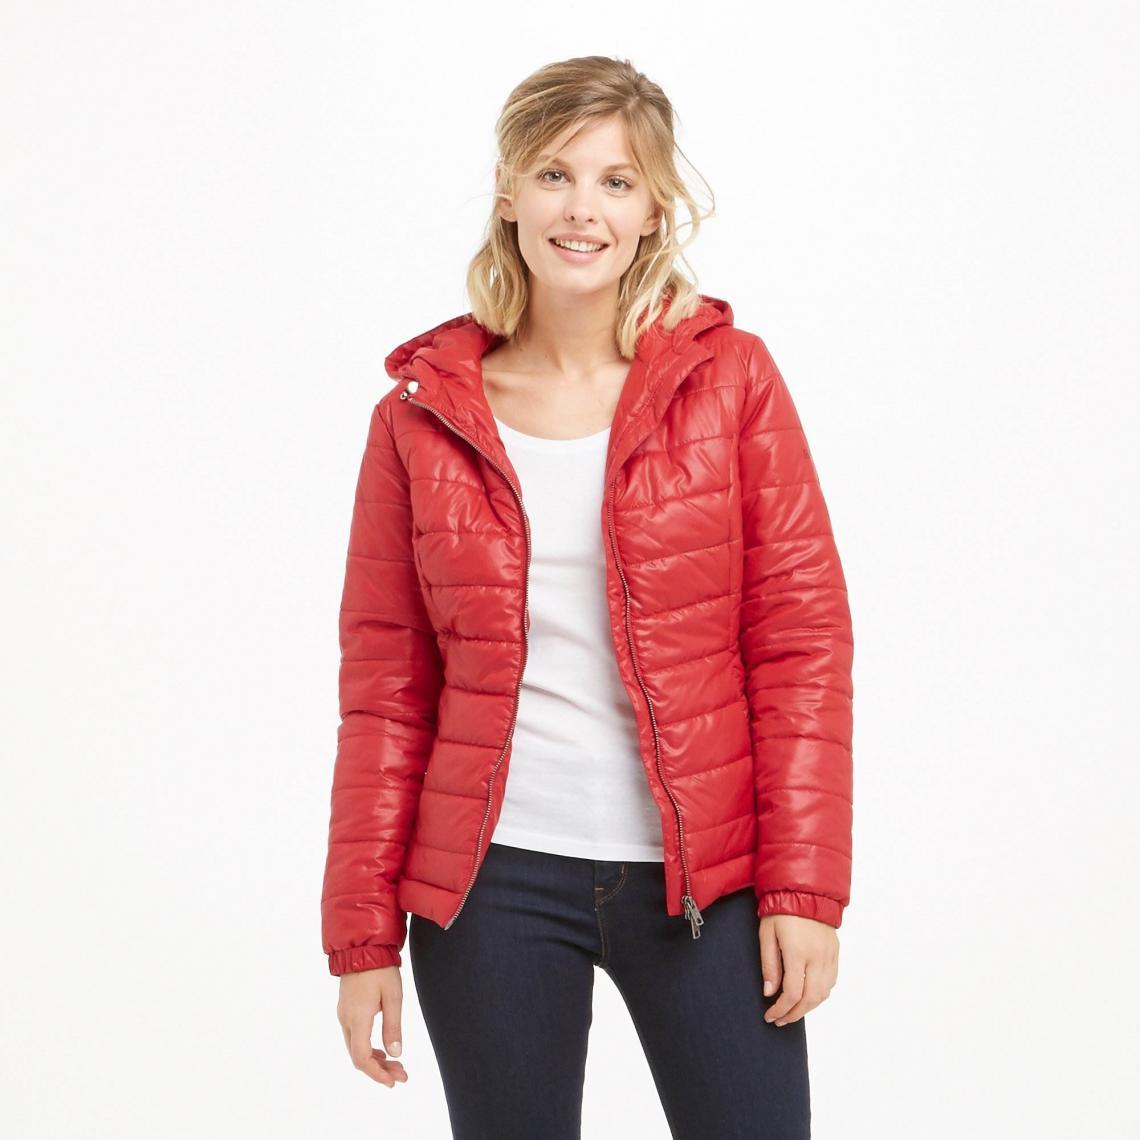 e5934f255755 Doudoune courte à capuche Alania femme Pepe Jeans - Rouge Pepe Jeans Femme